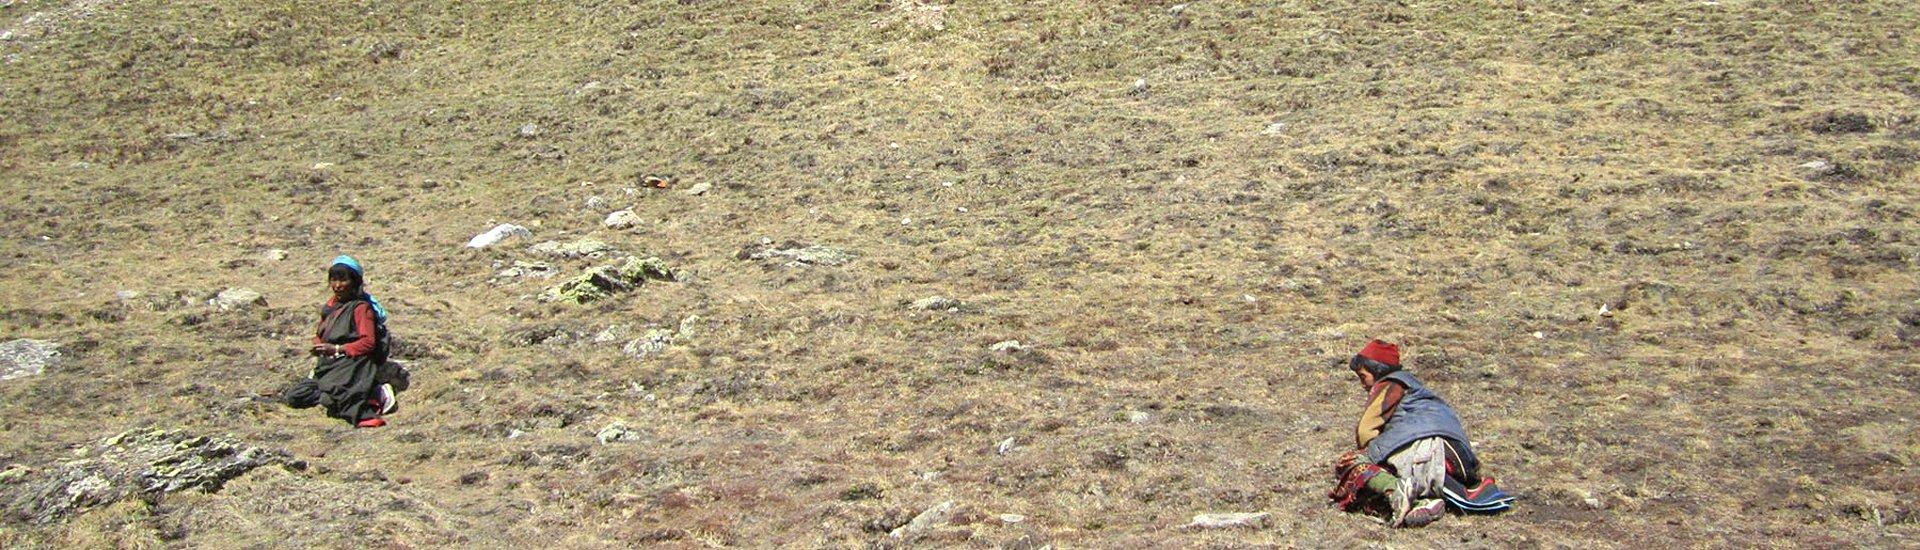 Yarsagompa-trek (1)